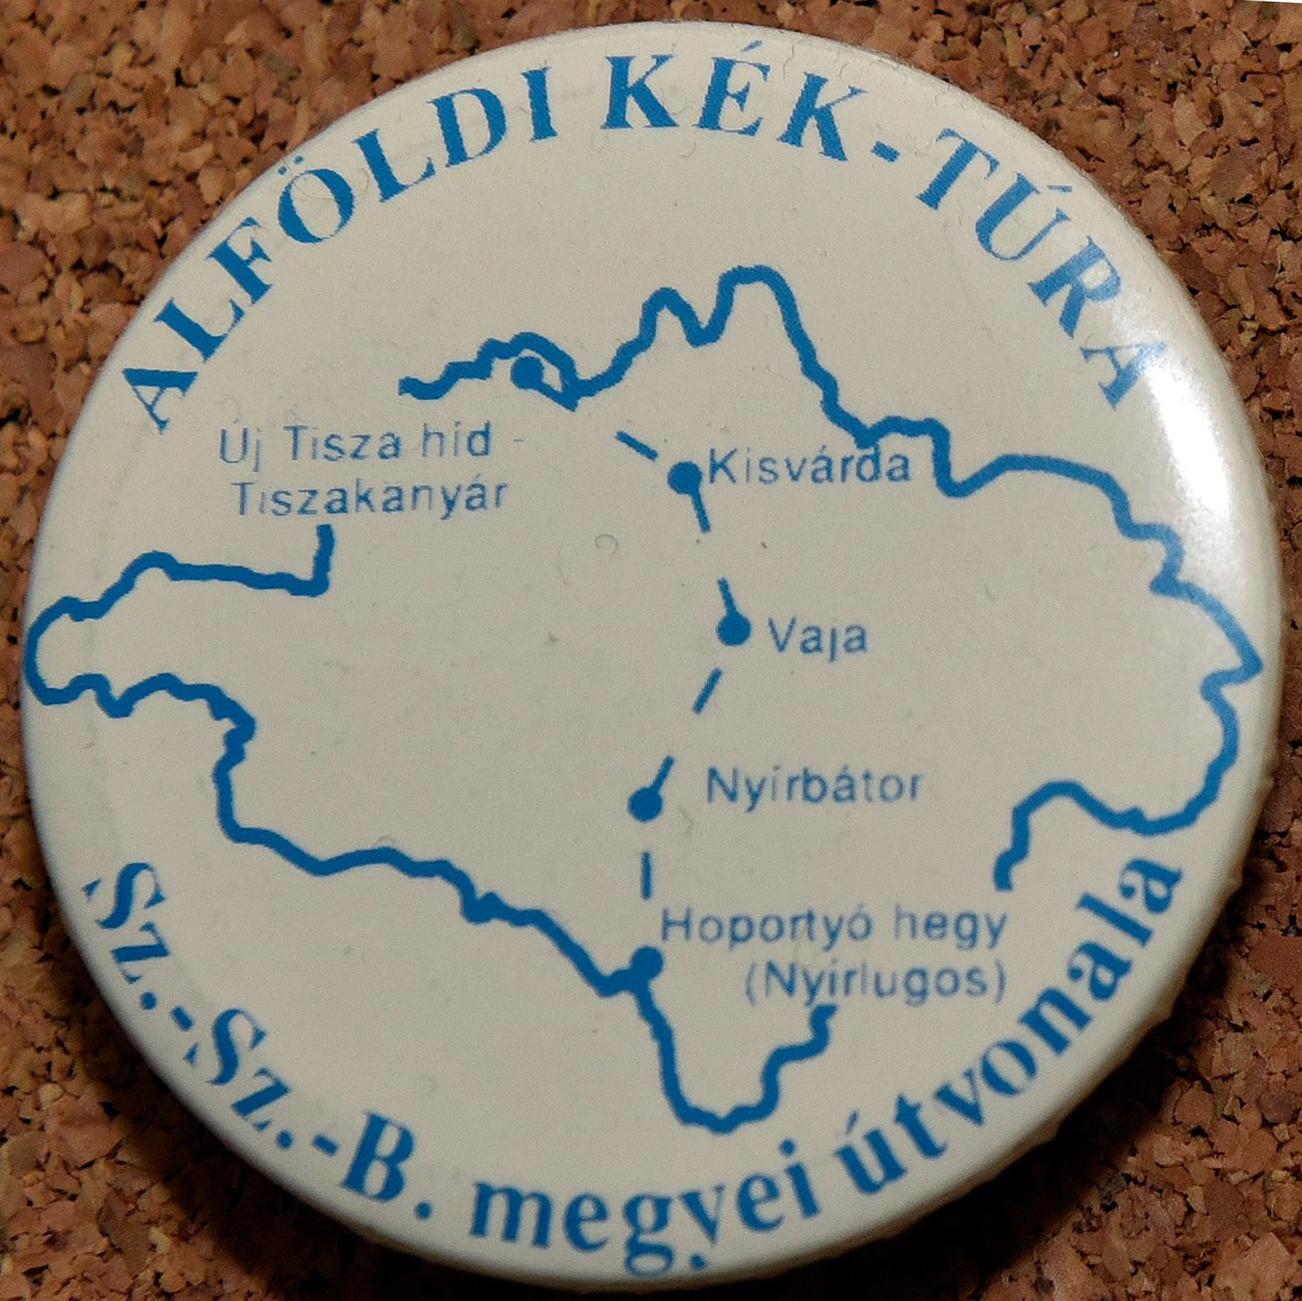 Az Alföldi Kéktúra Szabolcs-Szatmár-Bereg megyei szakaszjelvénye - A kép megnyitásához kattints ide!